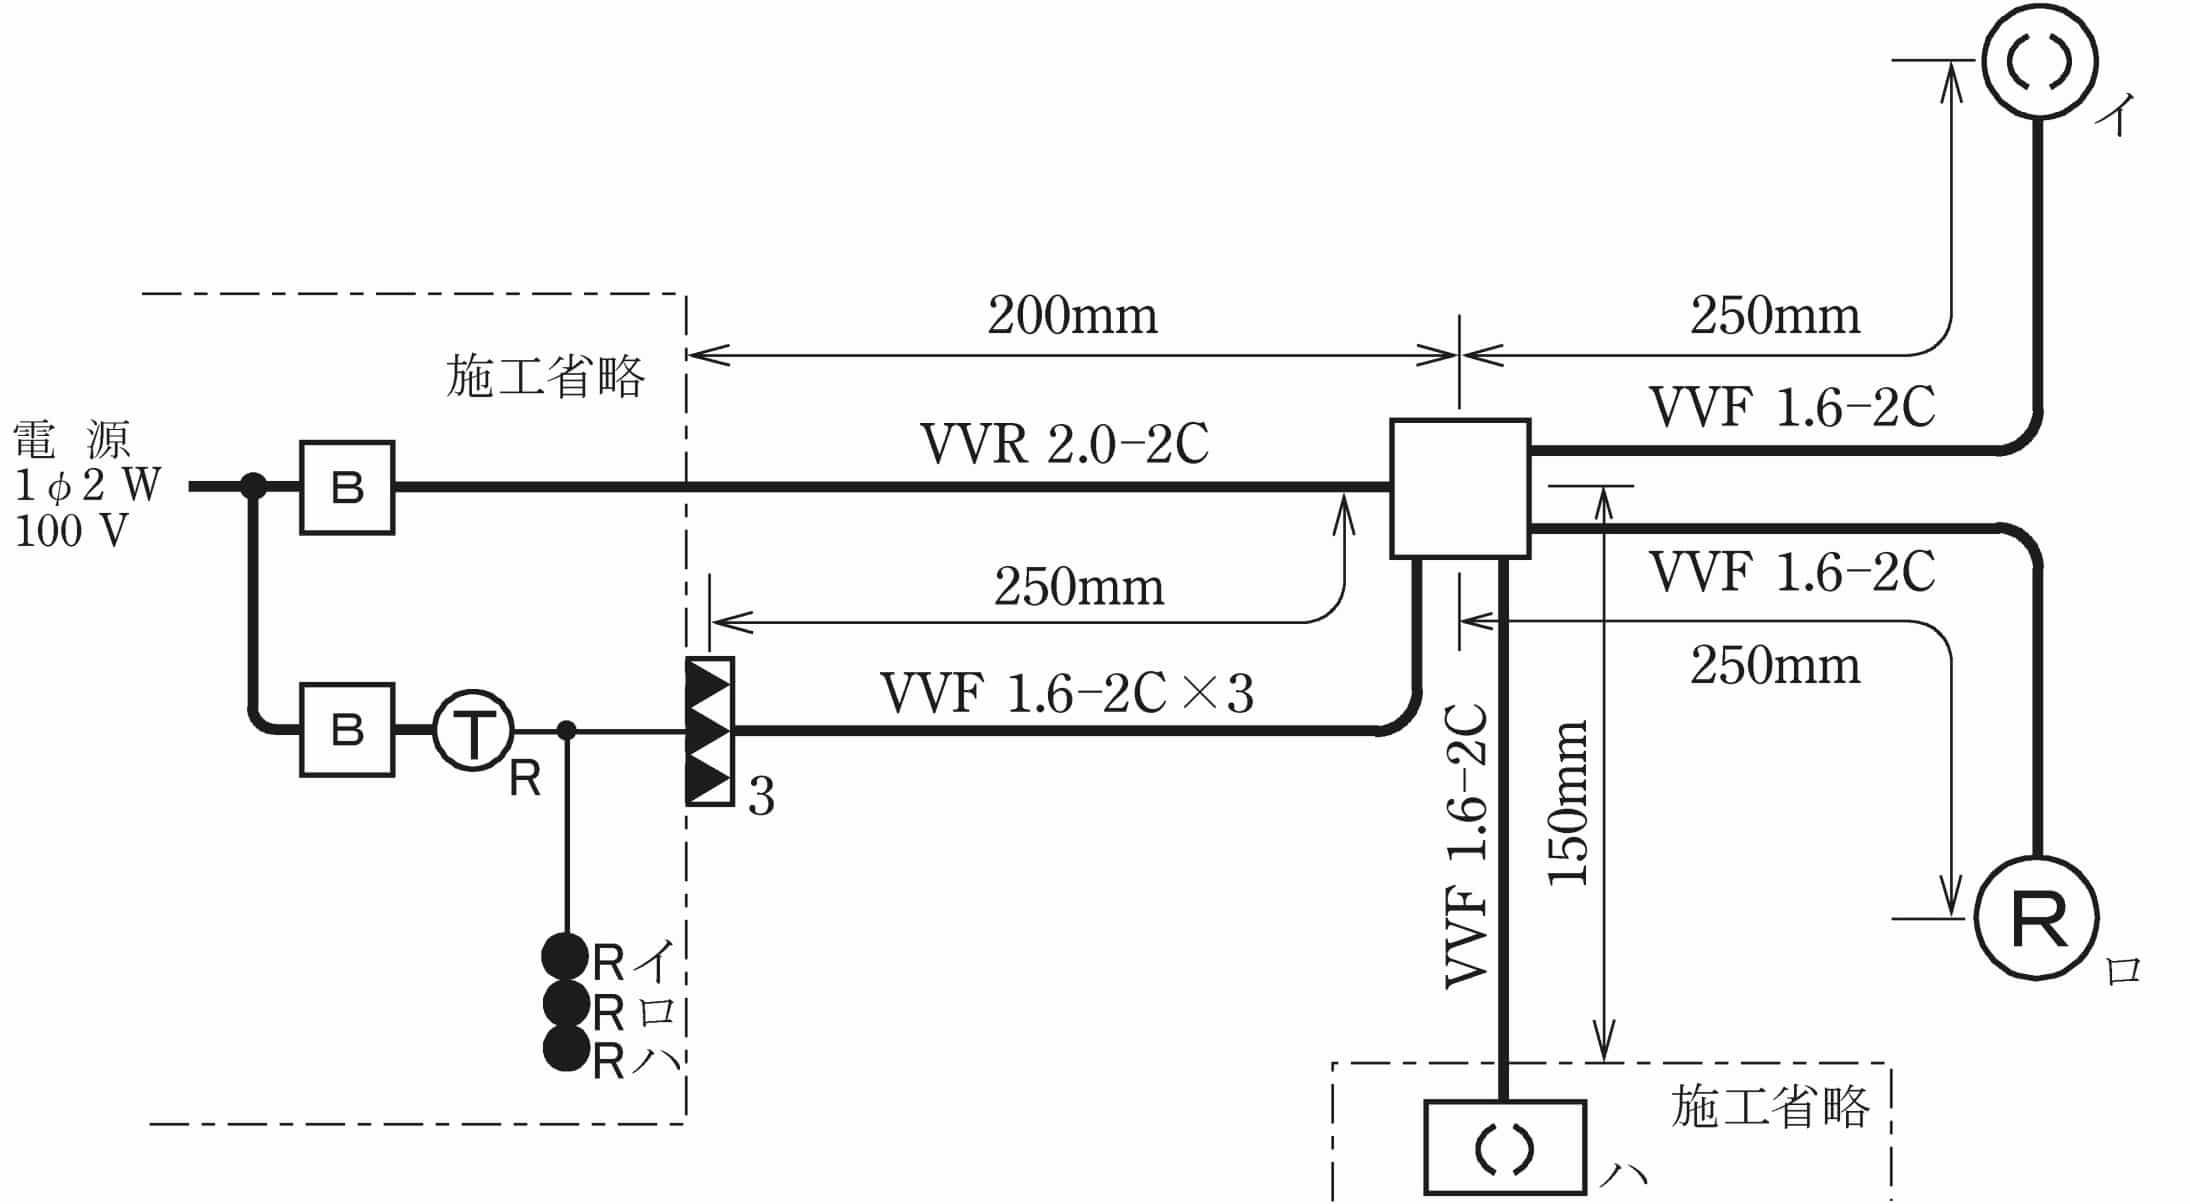 第二種電気工事士の技能試験の試験問題No.8